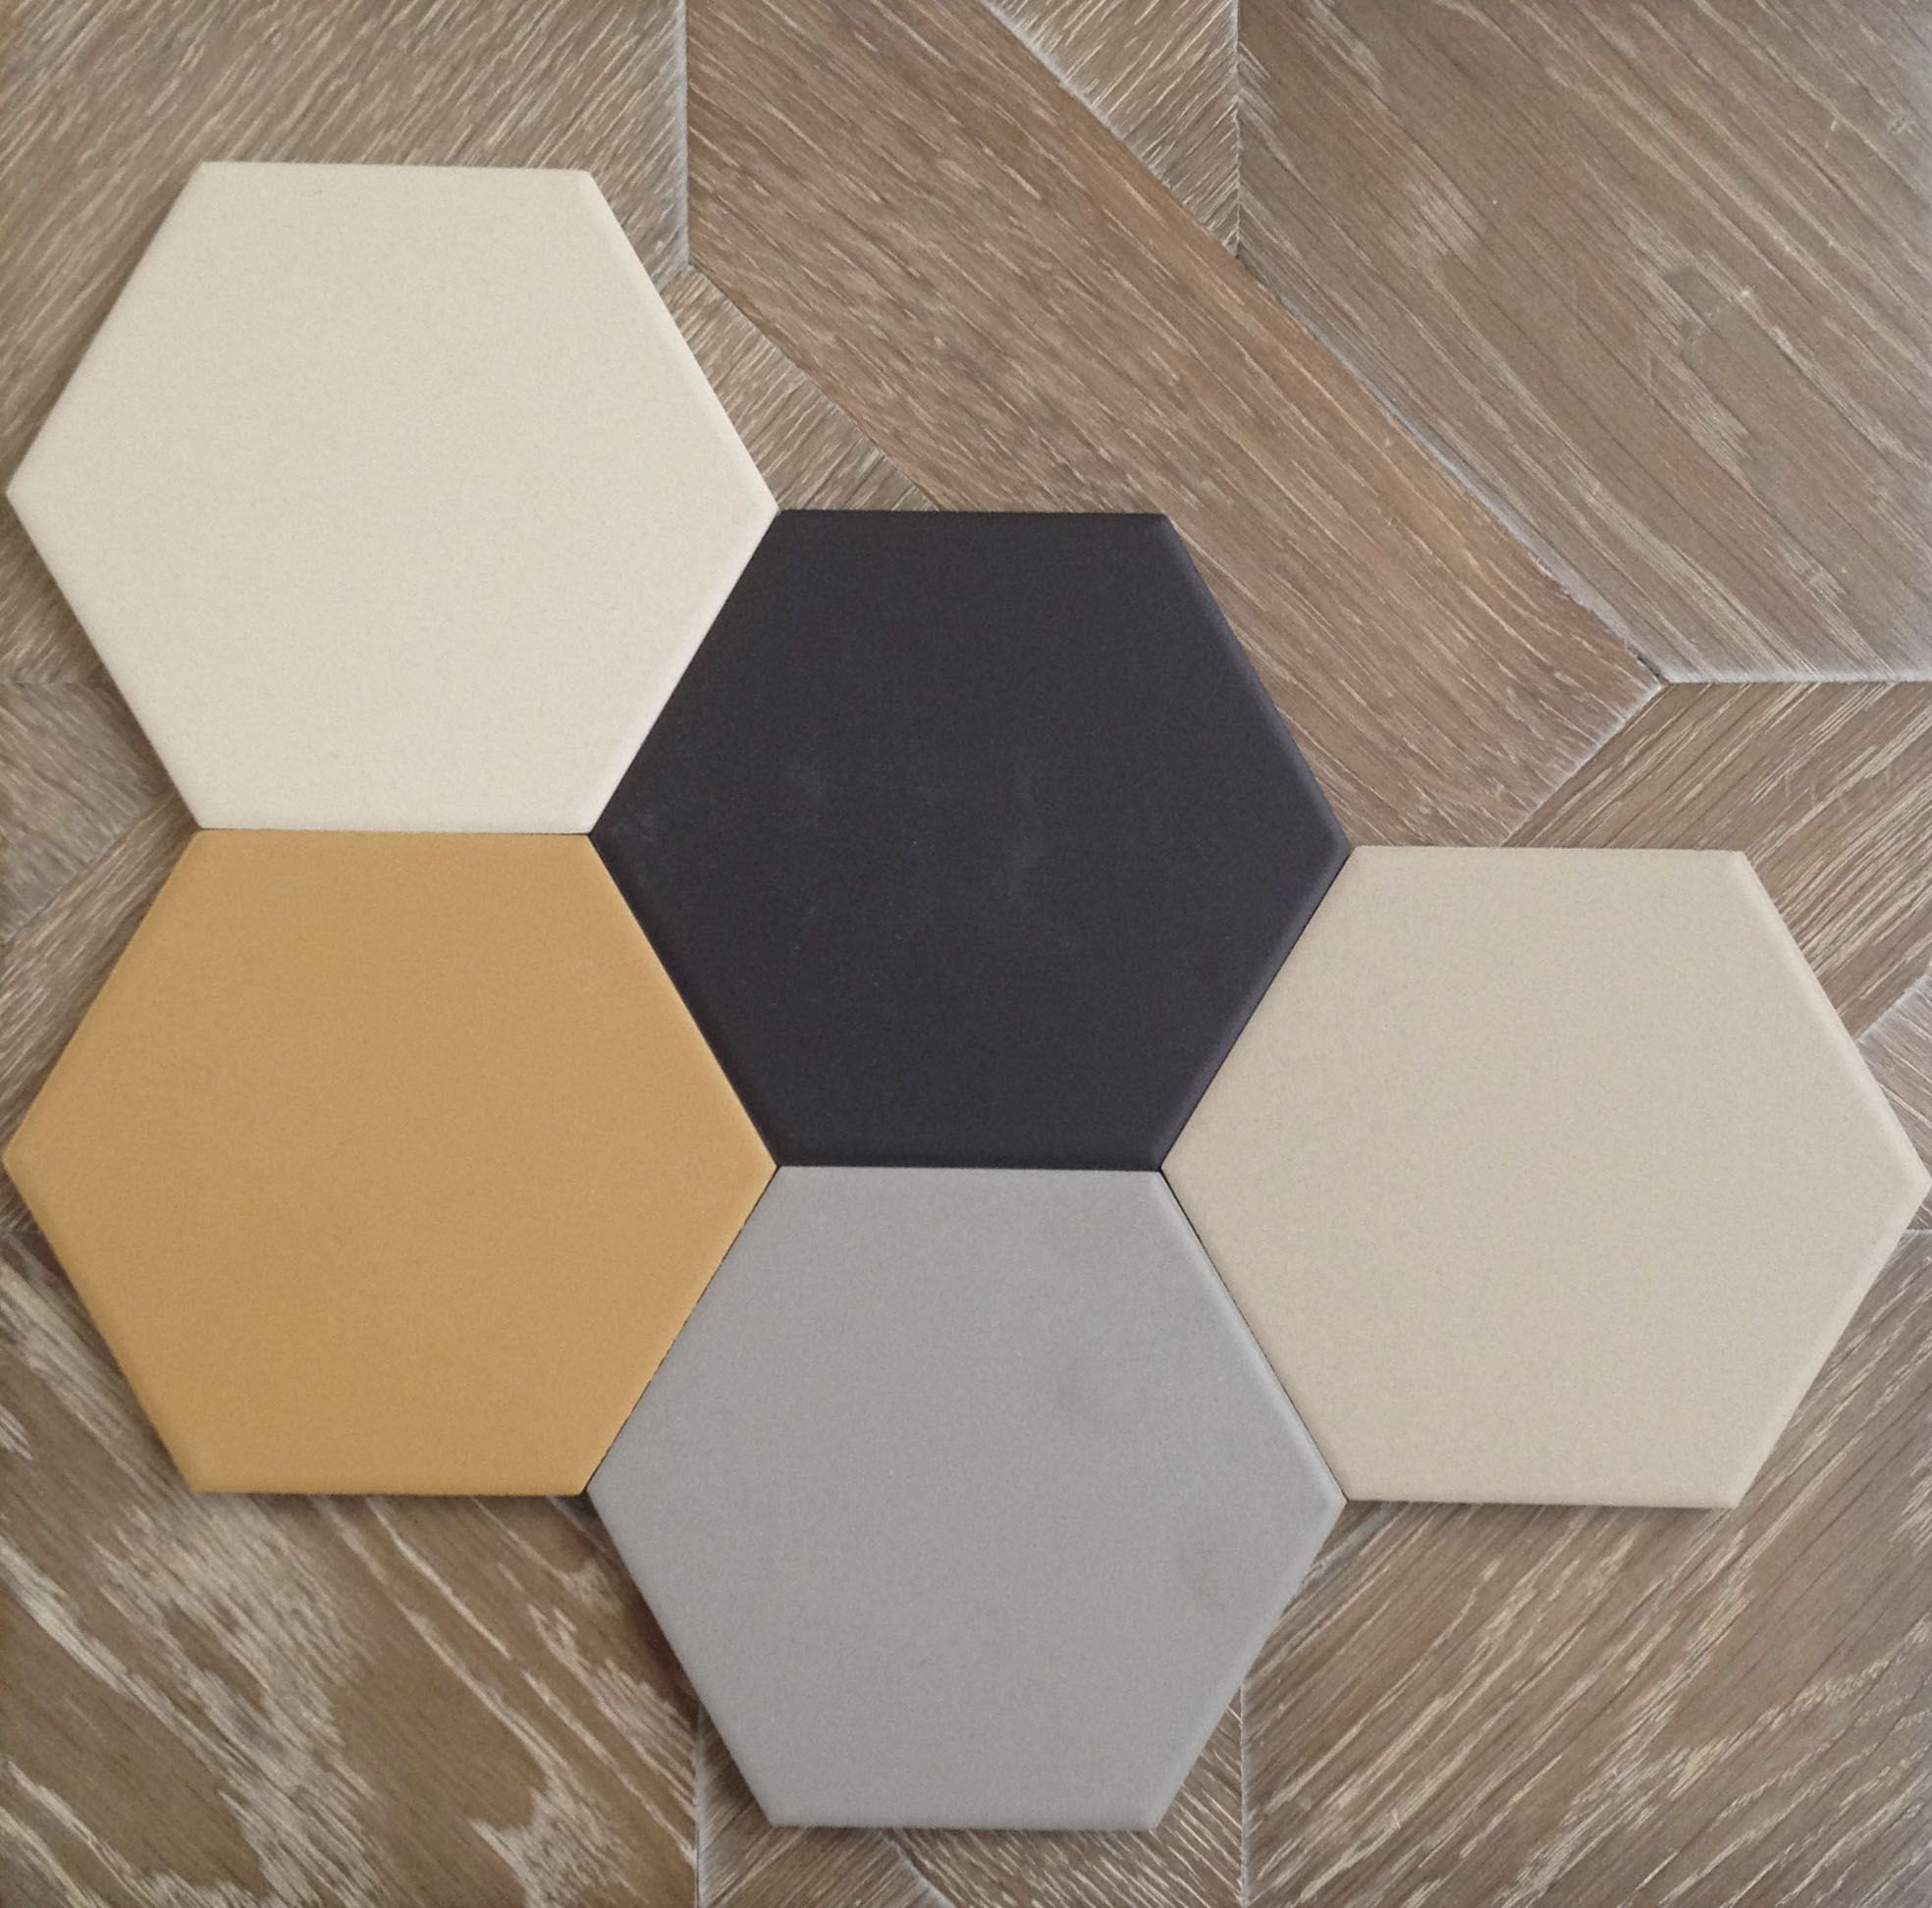 Carreaux De Ciment Topcer Tegels Interieur Keukens